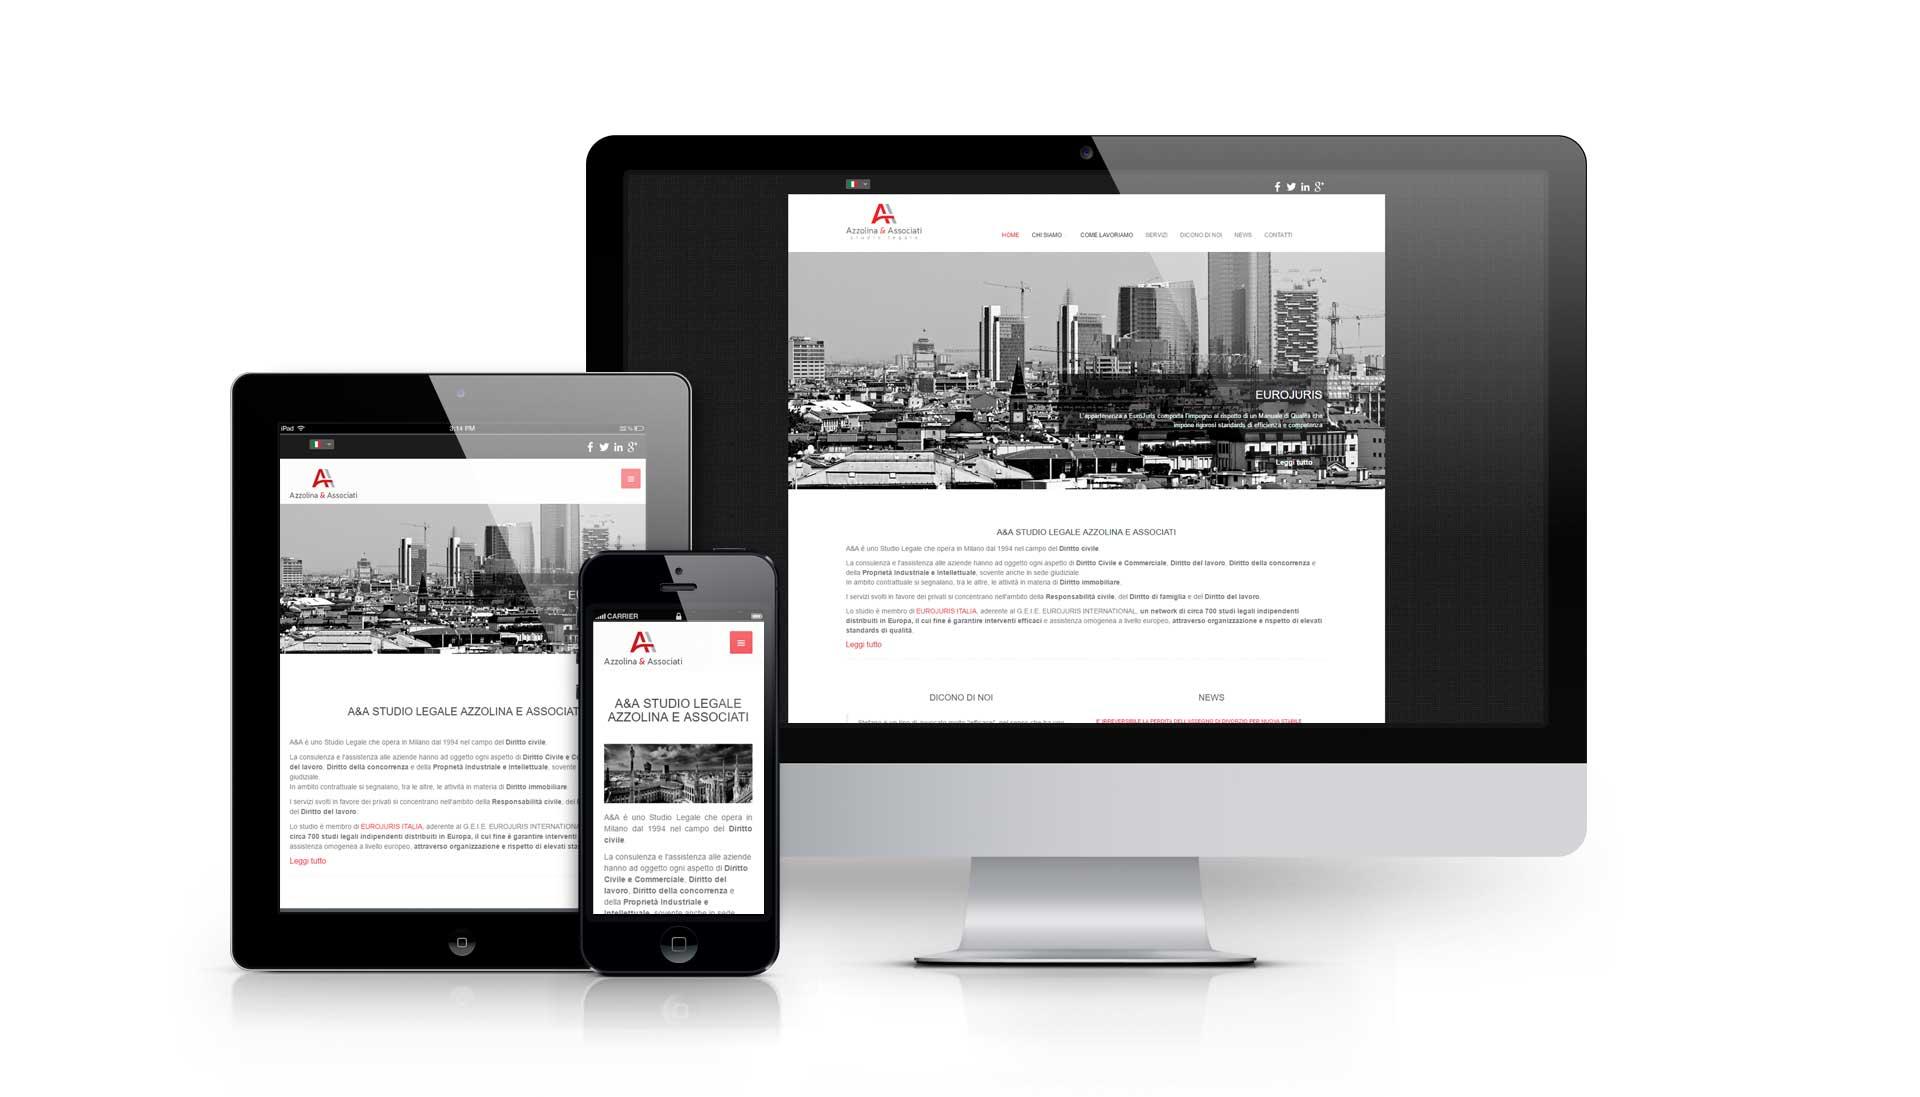 Realizzazione sito internet studiolegaleazzolina.it